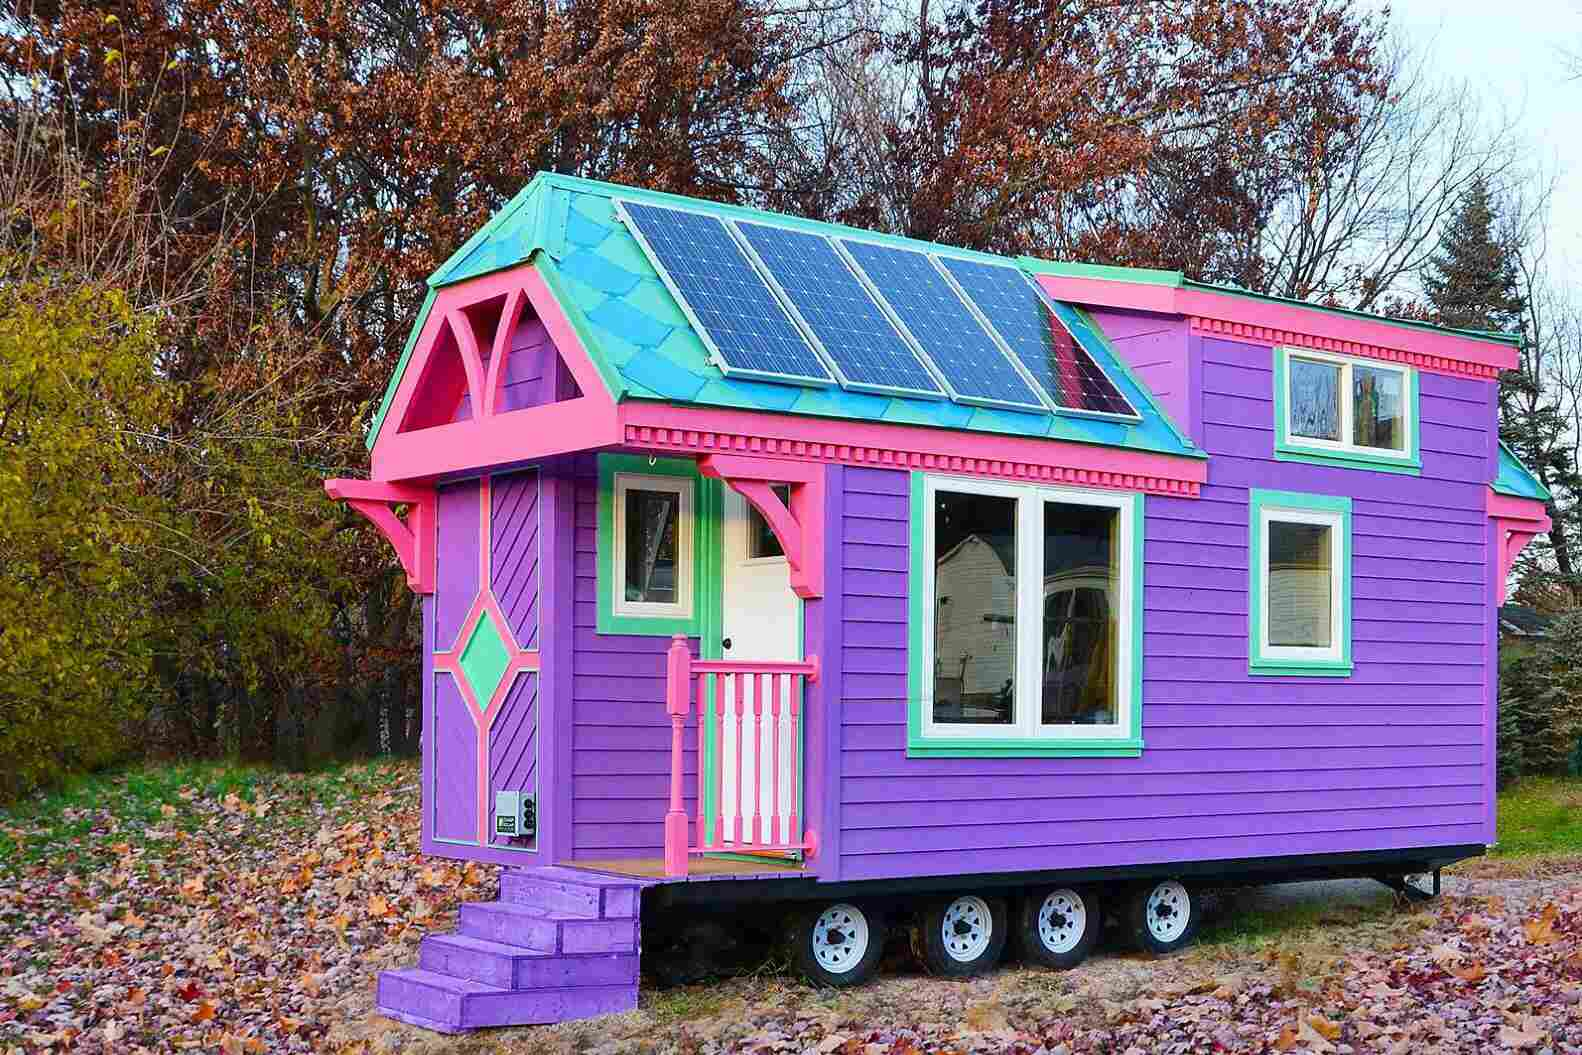 Casa pequeña personalizada Ravenlore , Jamaica Cottage Shop pequeña casa